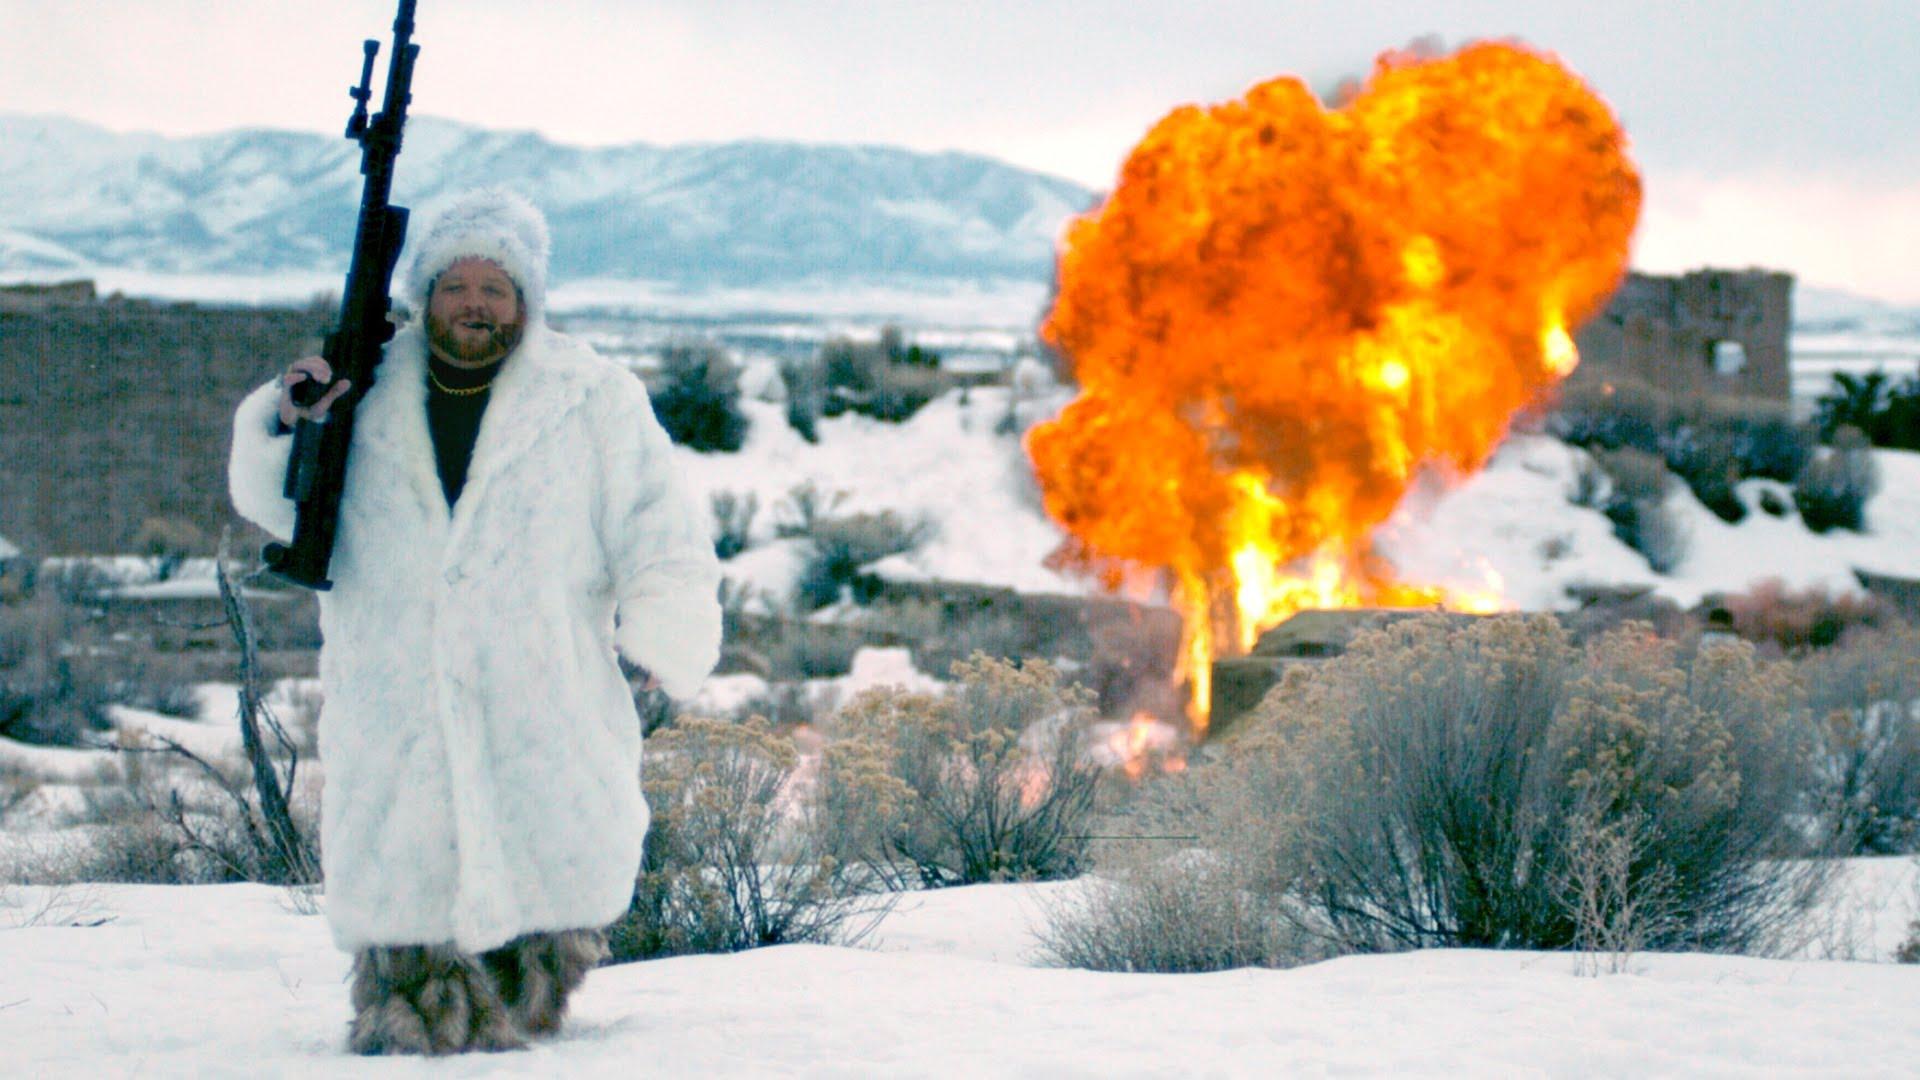 ロシア人VS雪だるま 爆破したかっただけでしょ・・ 動画